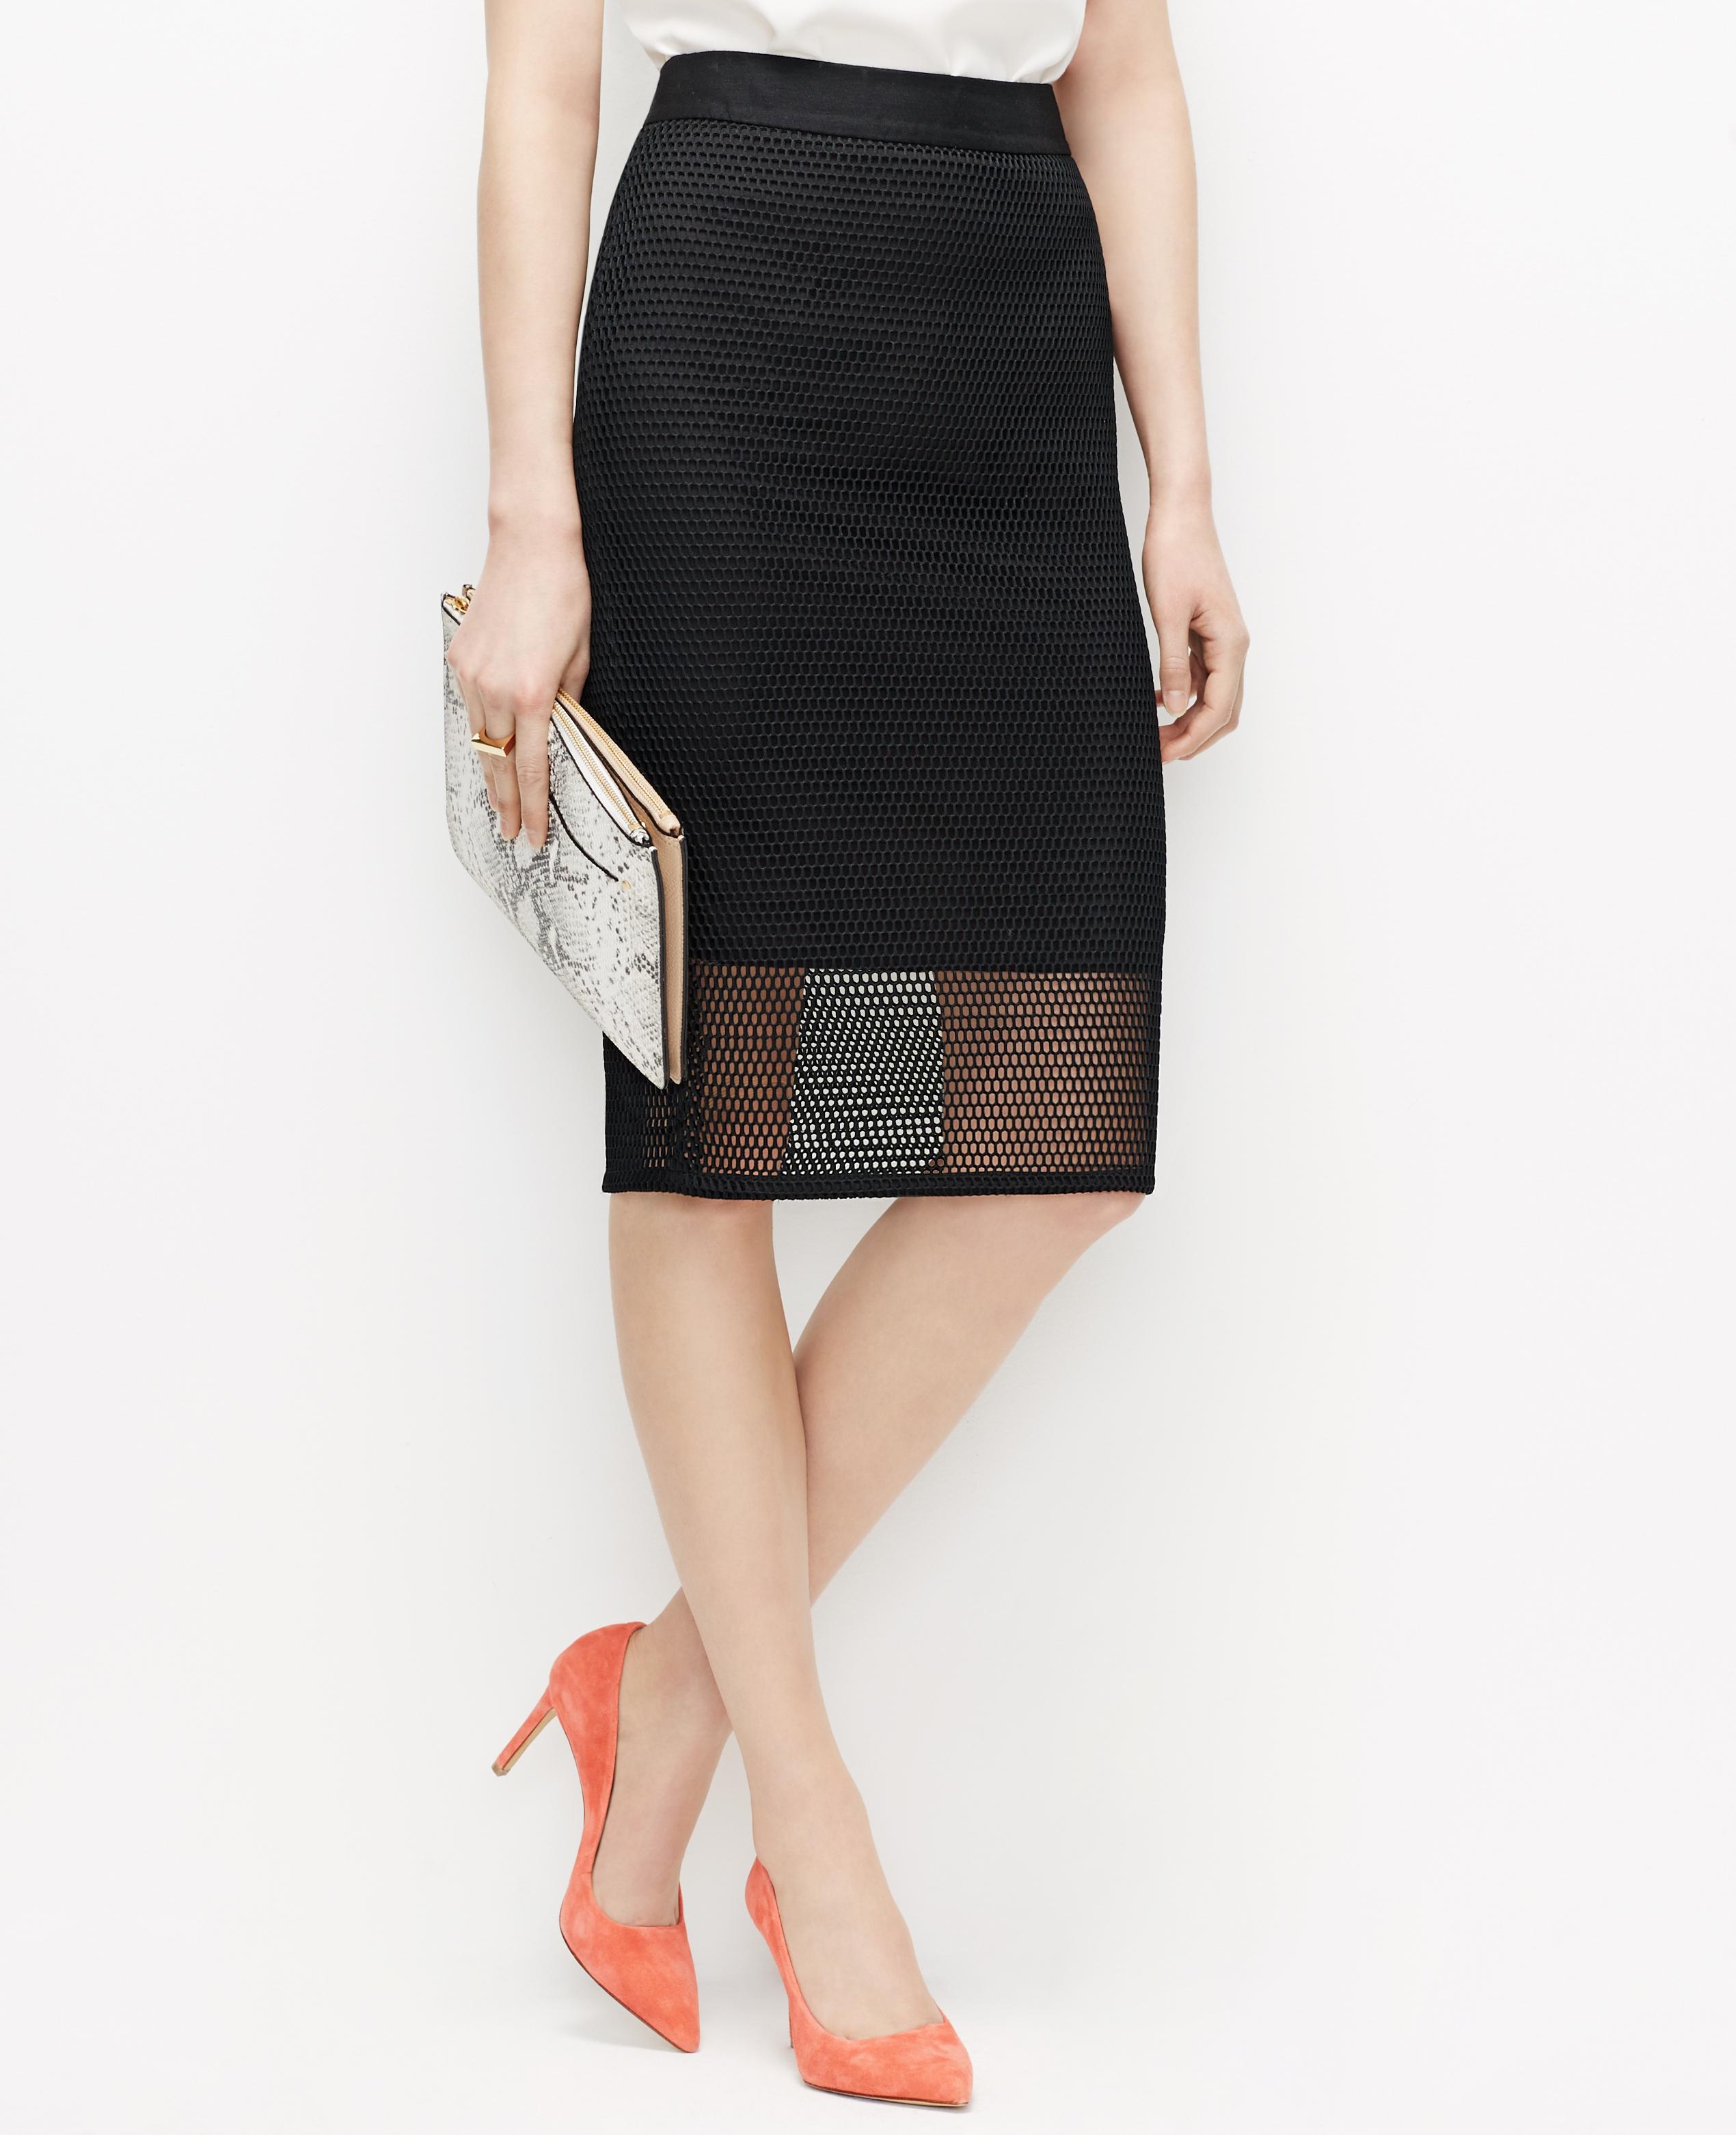 c8c5b47d2e Ann Taylor Mesh Pencil Skirt in Black - Lyst